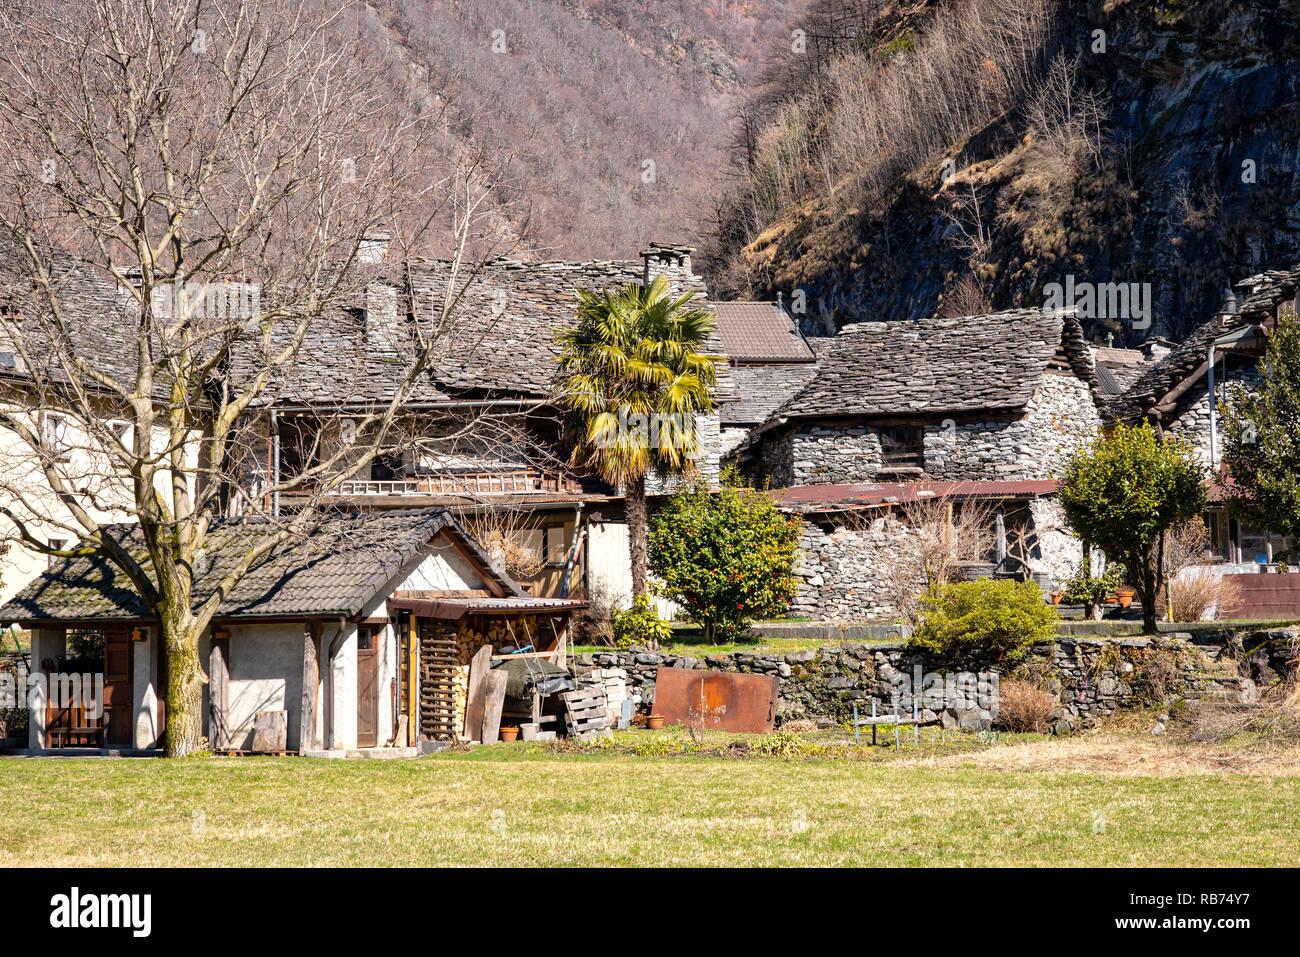 La aldea de Bignasco con históricas casas Foto de stock